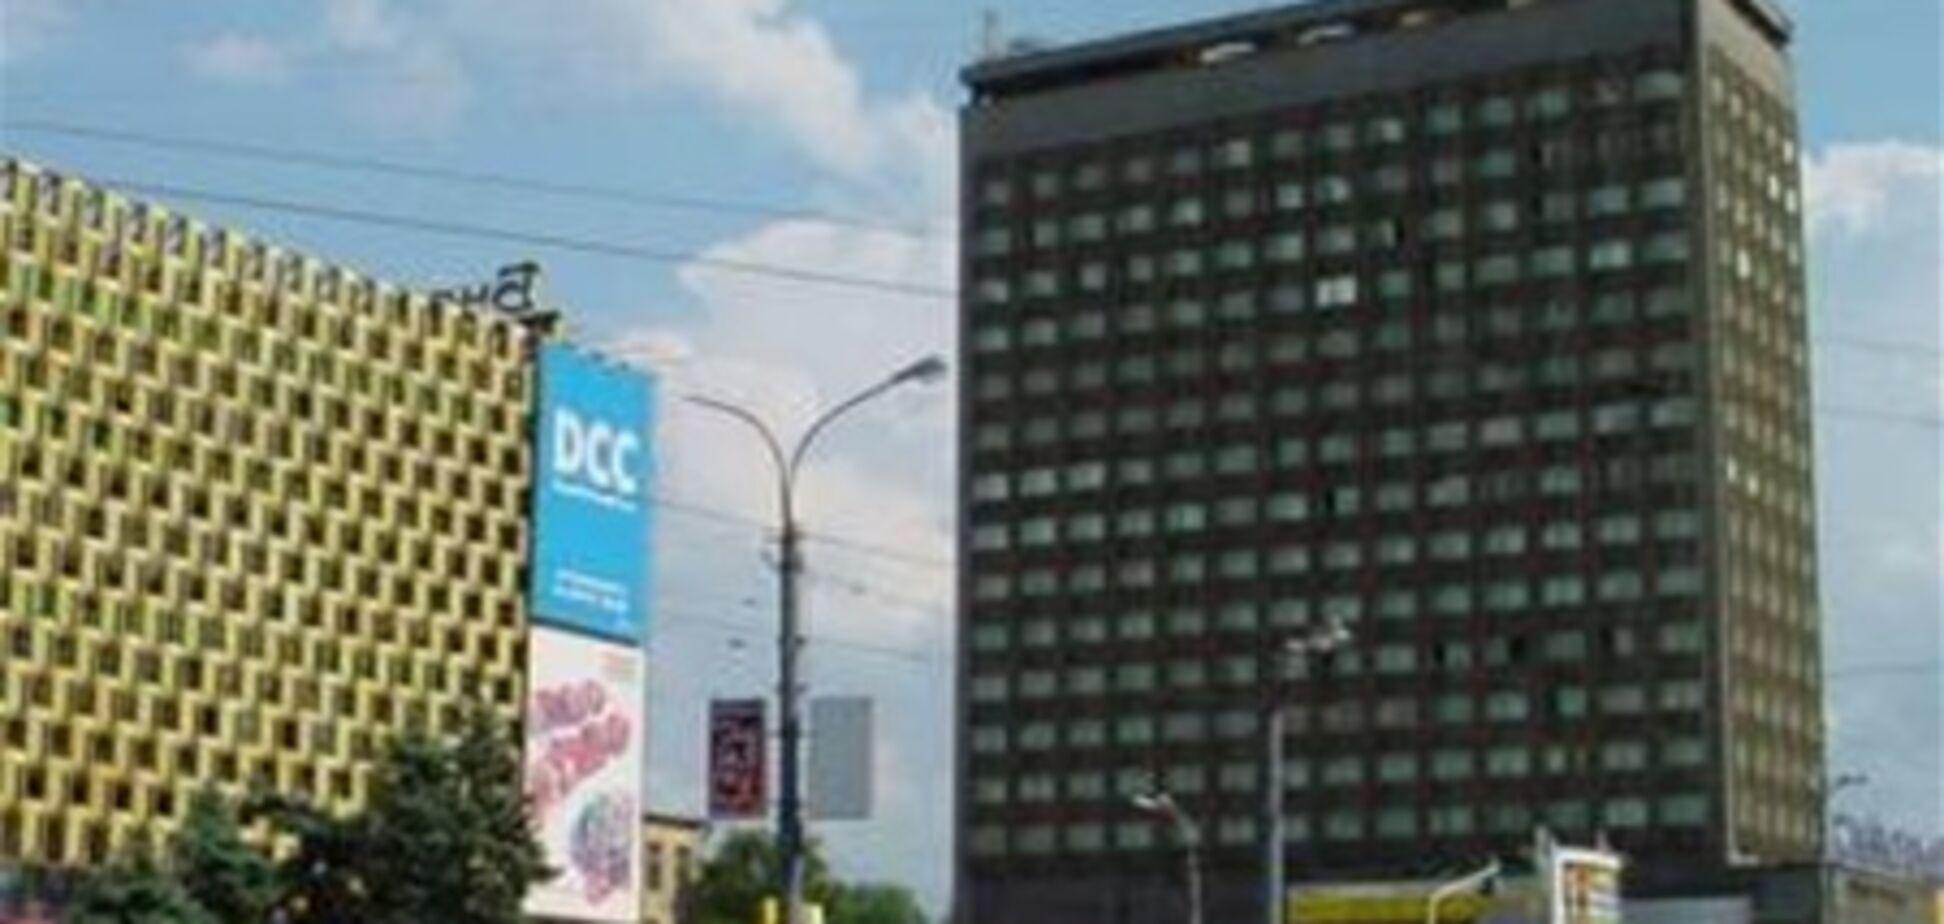 У Луганську п'яна безробітна замінувала готель 'Луганськ'